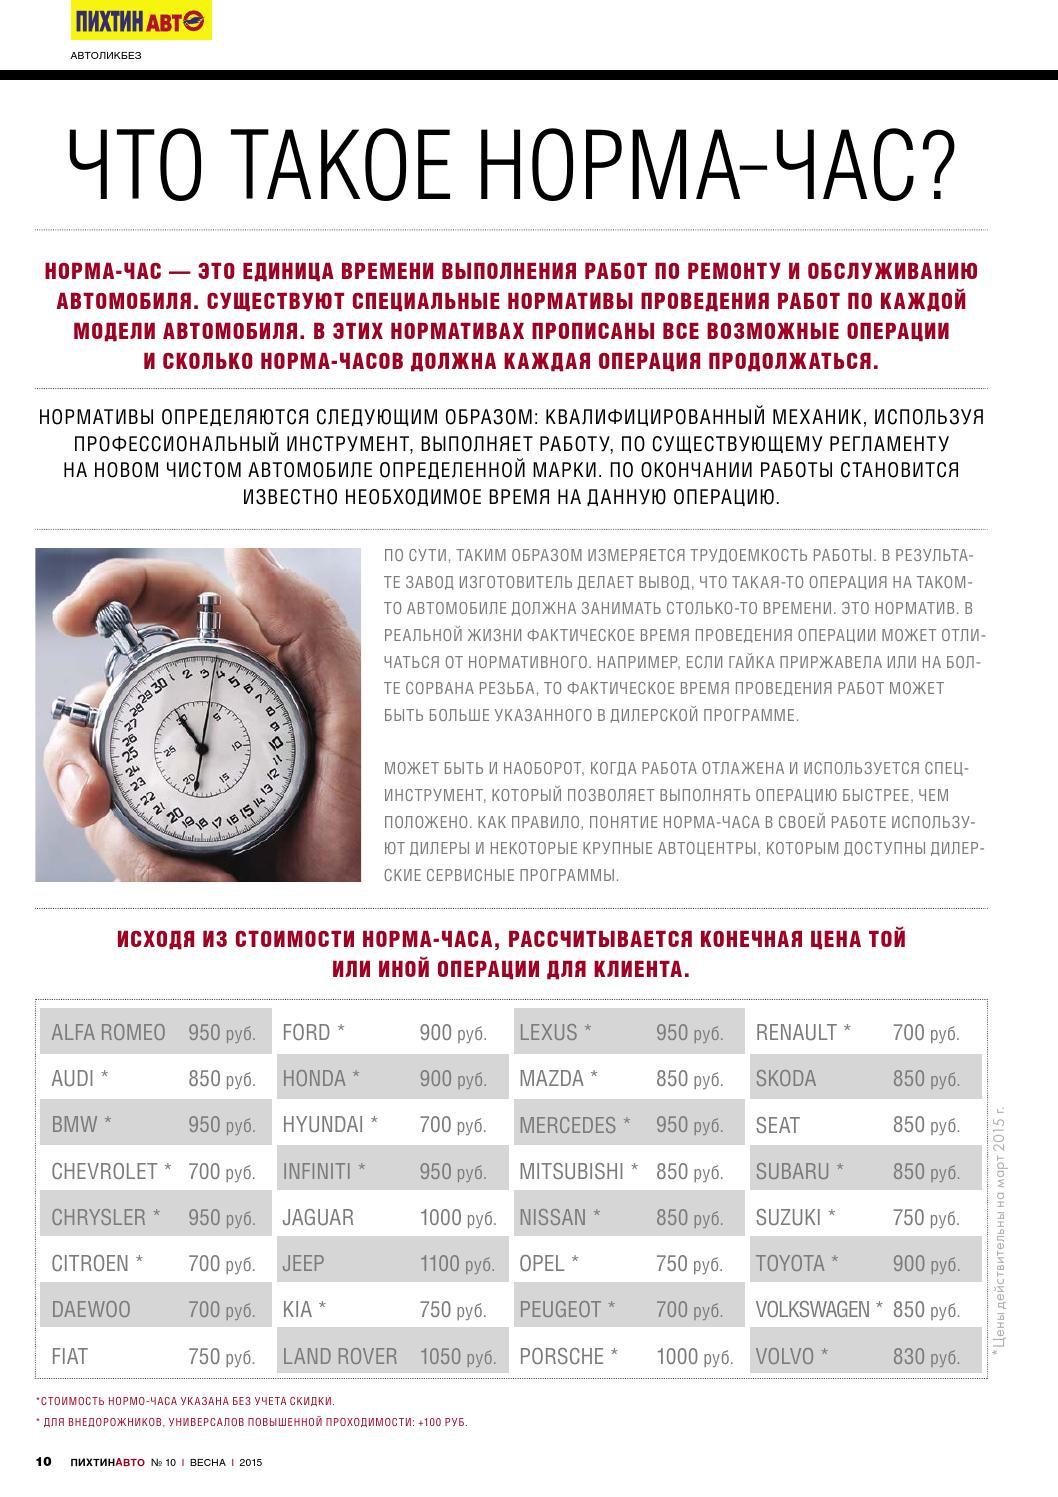 академический стоимость язык русский час